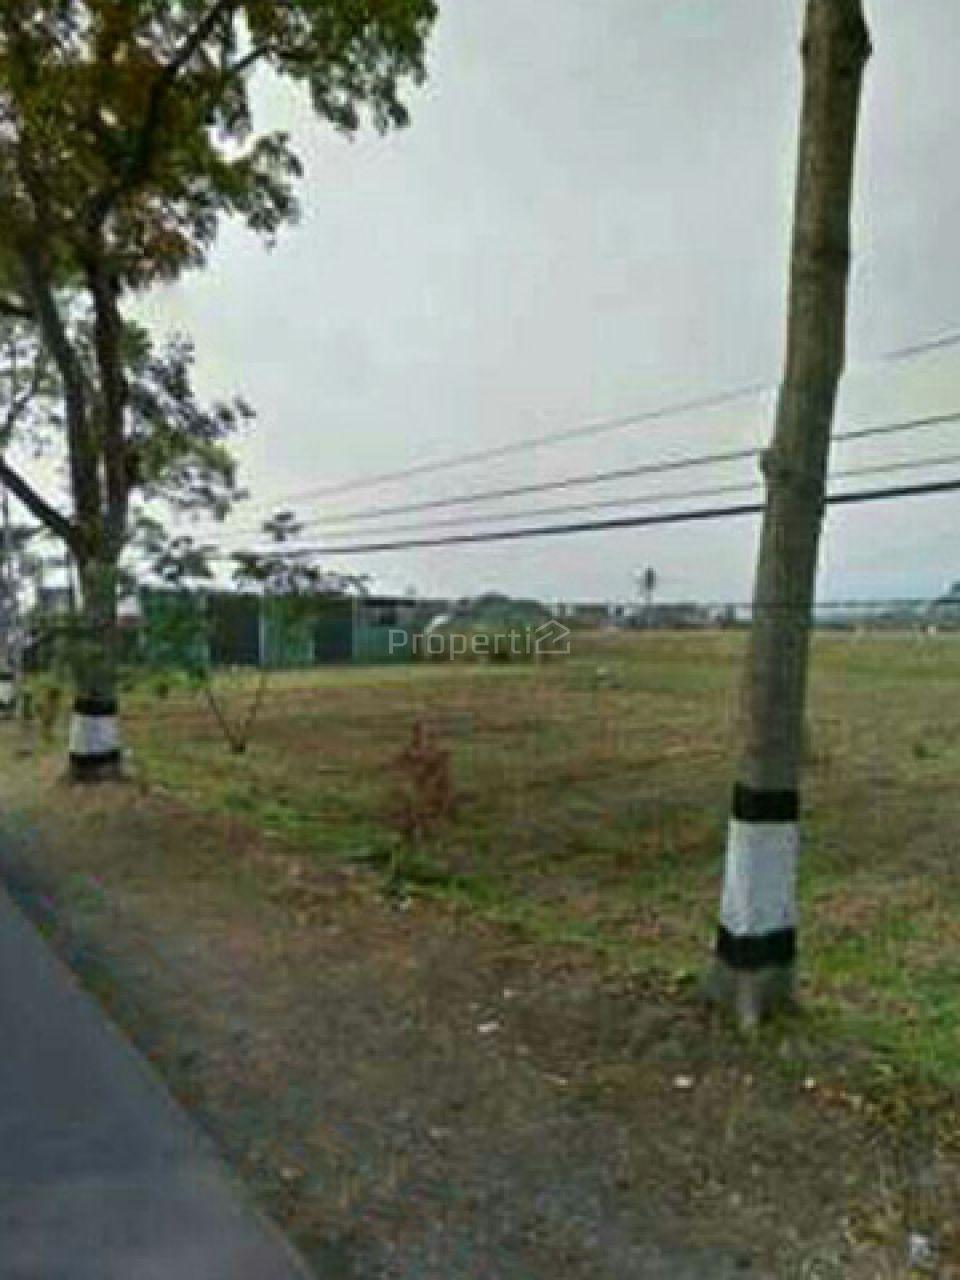 Tanah Strategis Pinggir Jalan Raya di Temanggung, Jawa Tengah